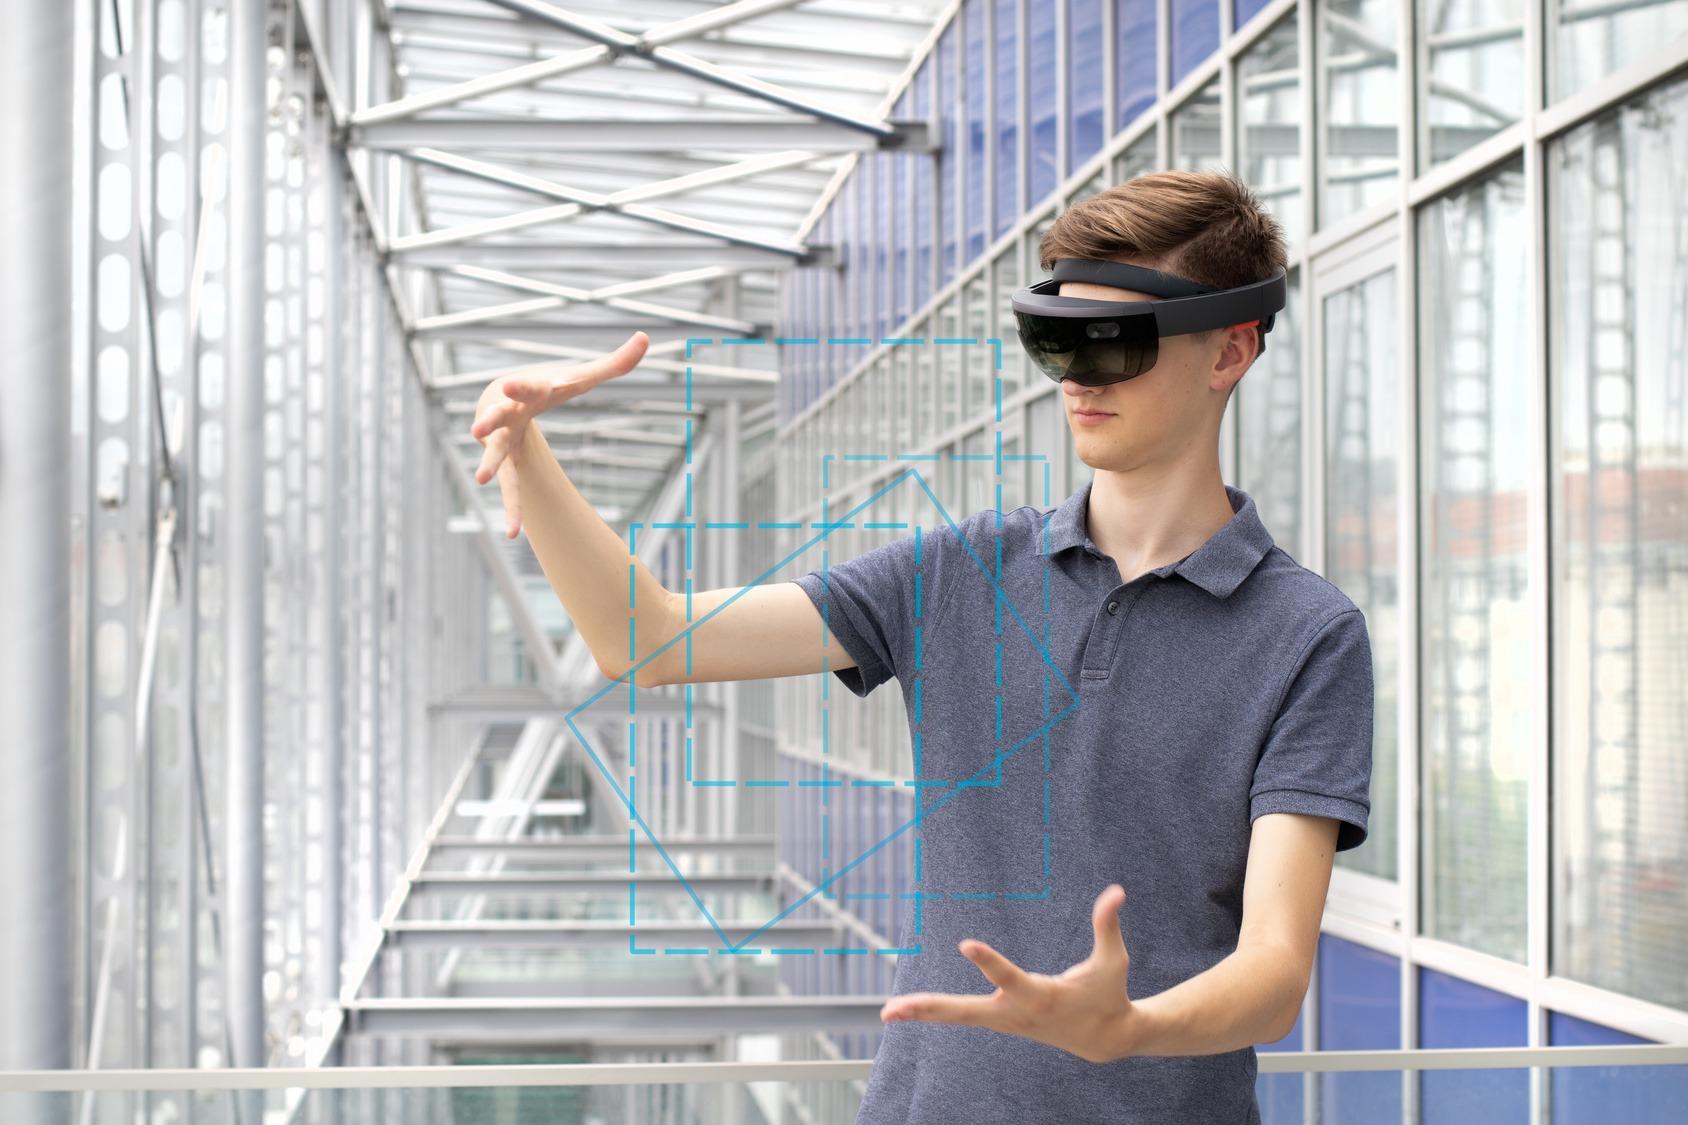 Junger Mitarbeiter mit Augmented Reality Brille formt virtuelle, geometrische Gebilde mit seinen Händen.